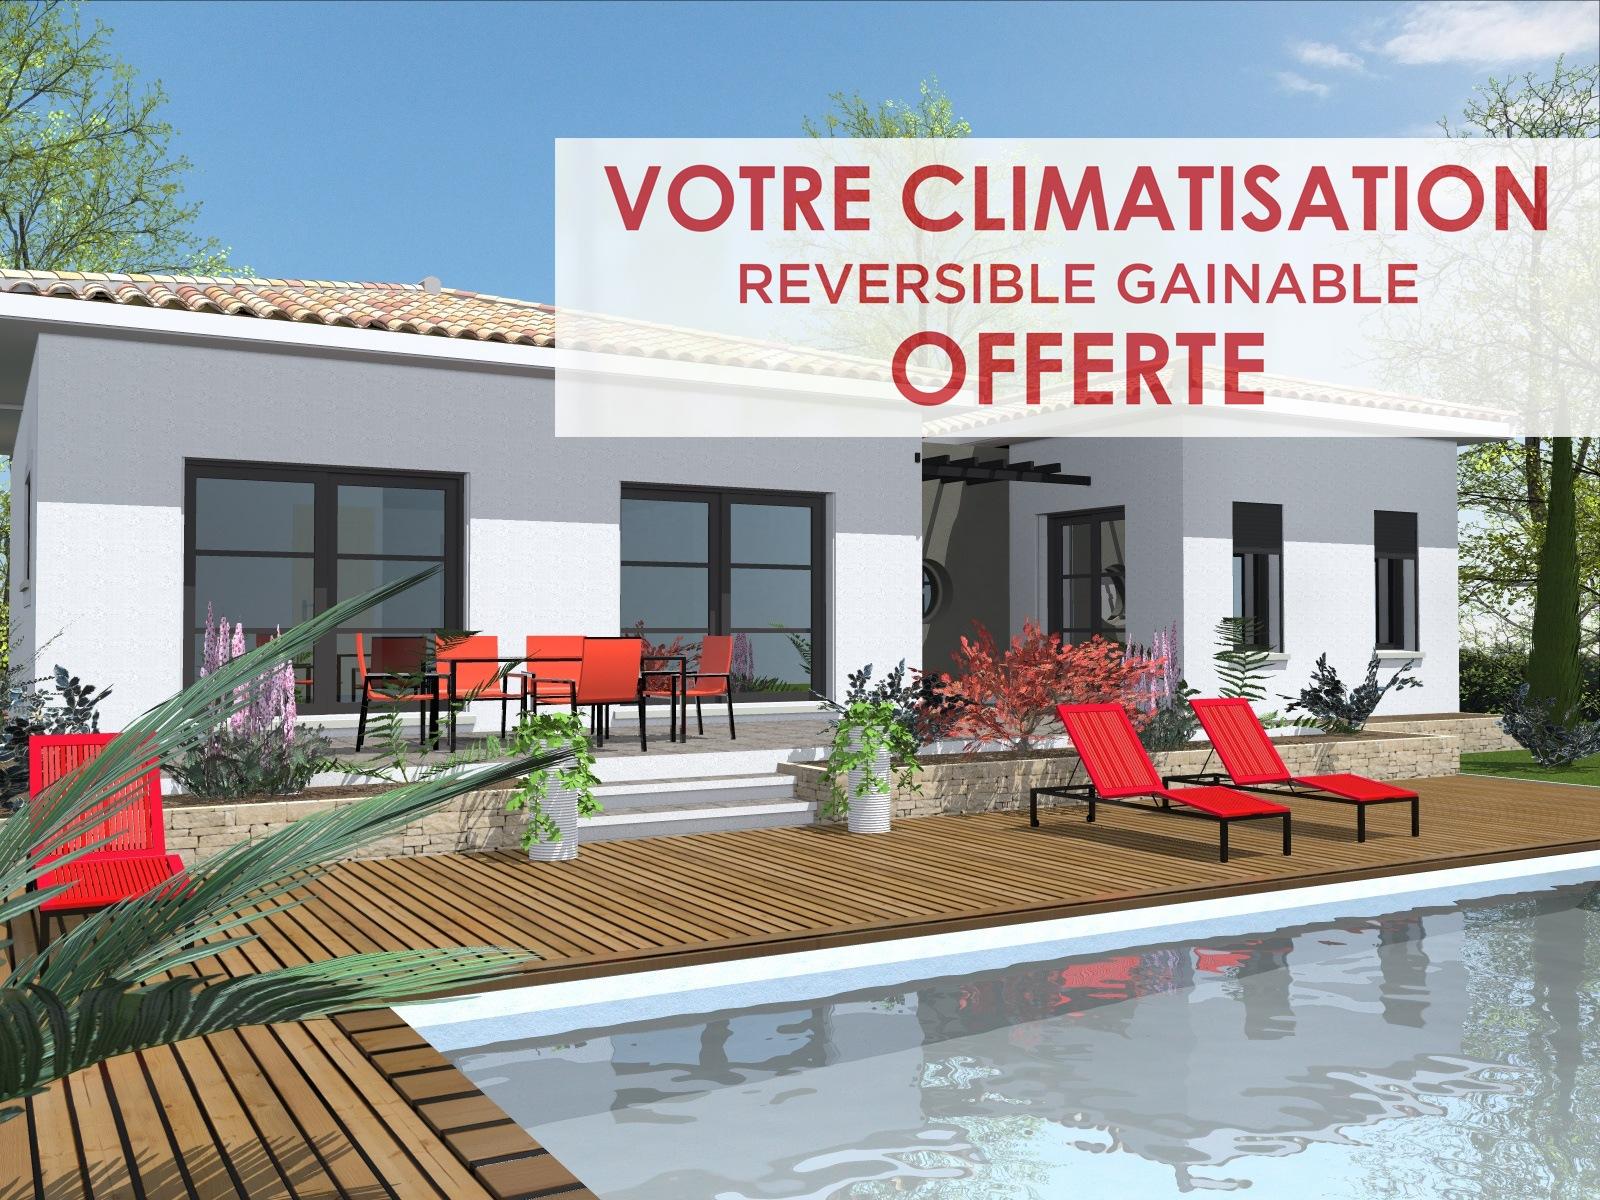 Maisons + Terrains du constructeur ART ET TRADITIONS MEDITERRANEE • 100 m² • LES ANGLES